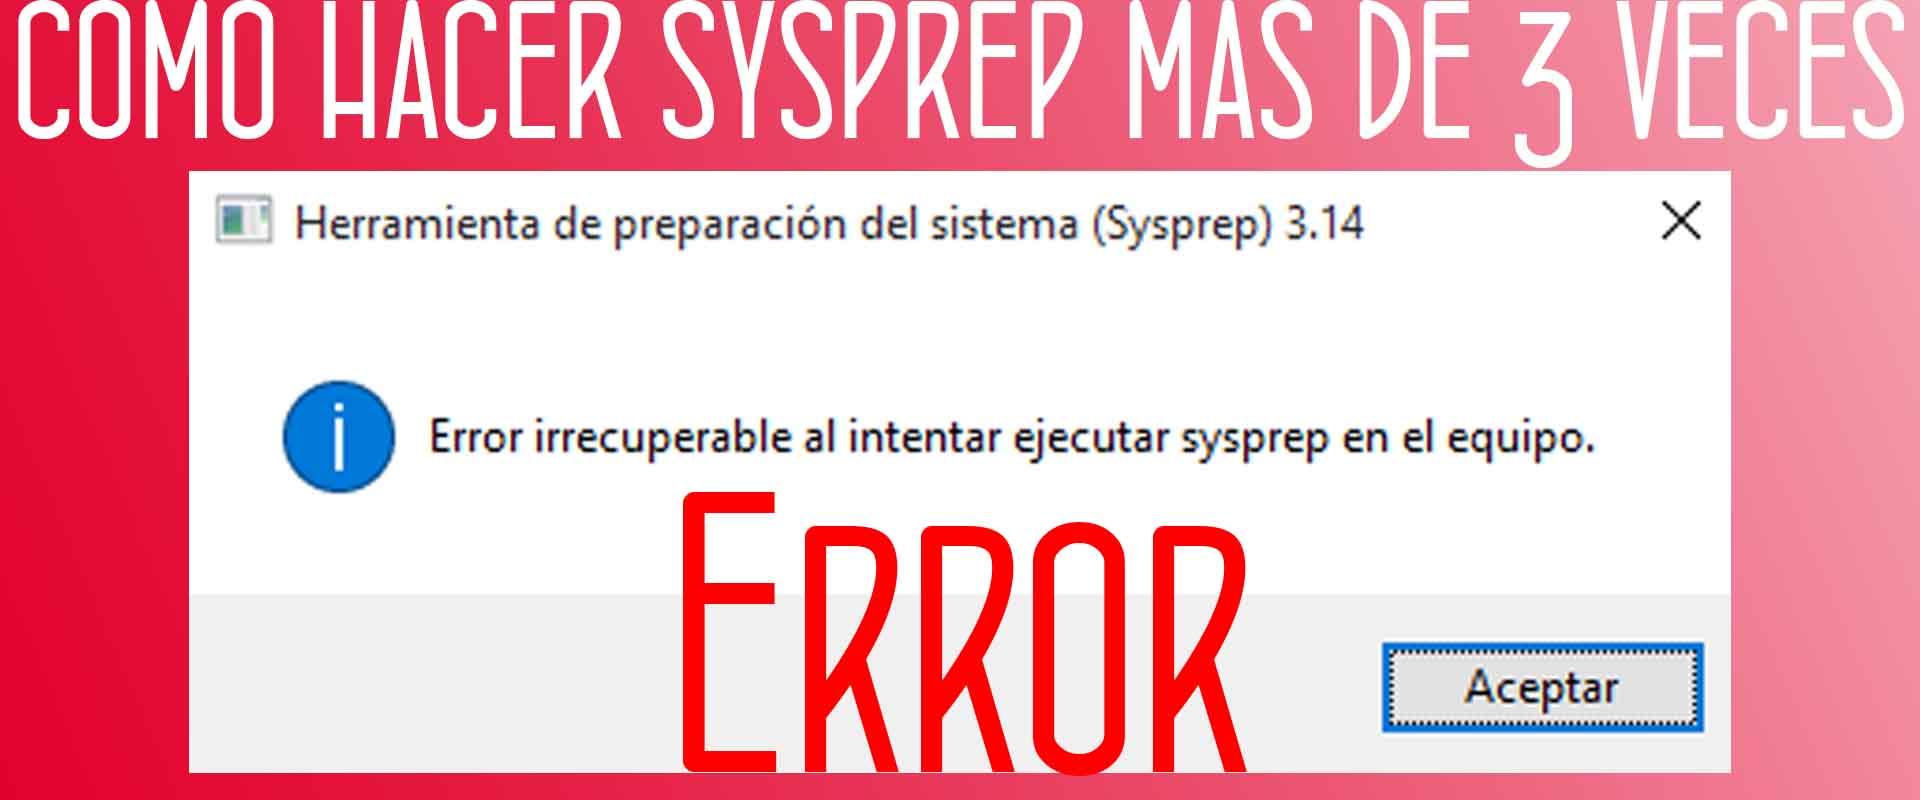 Guía Completa Sysprep más de 3 veces